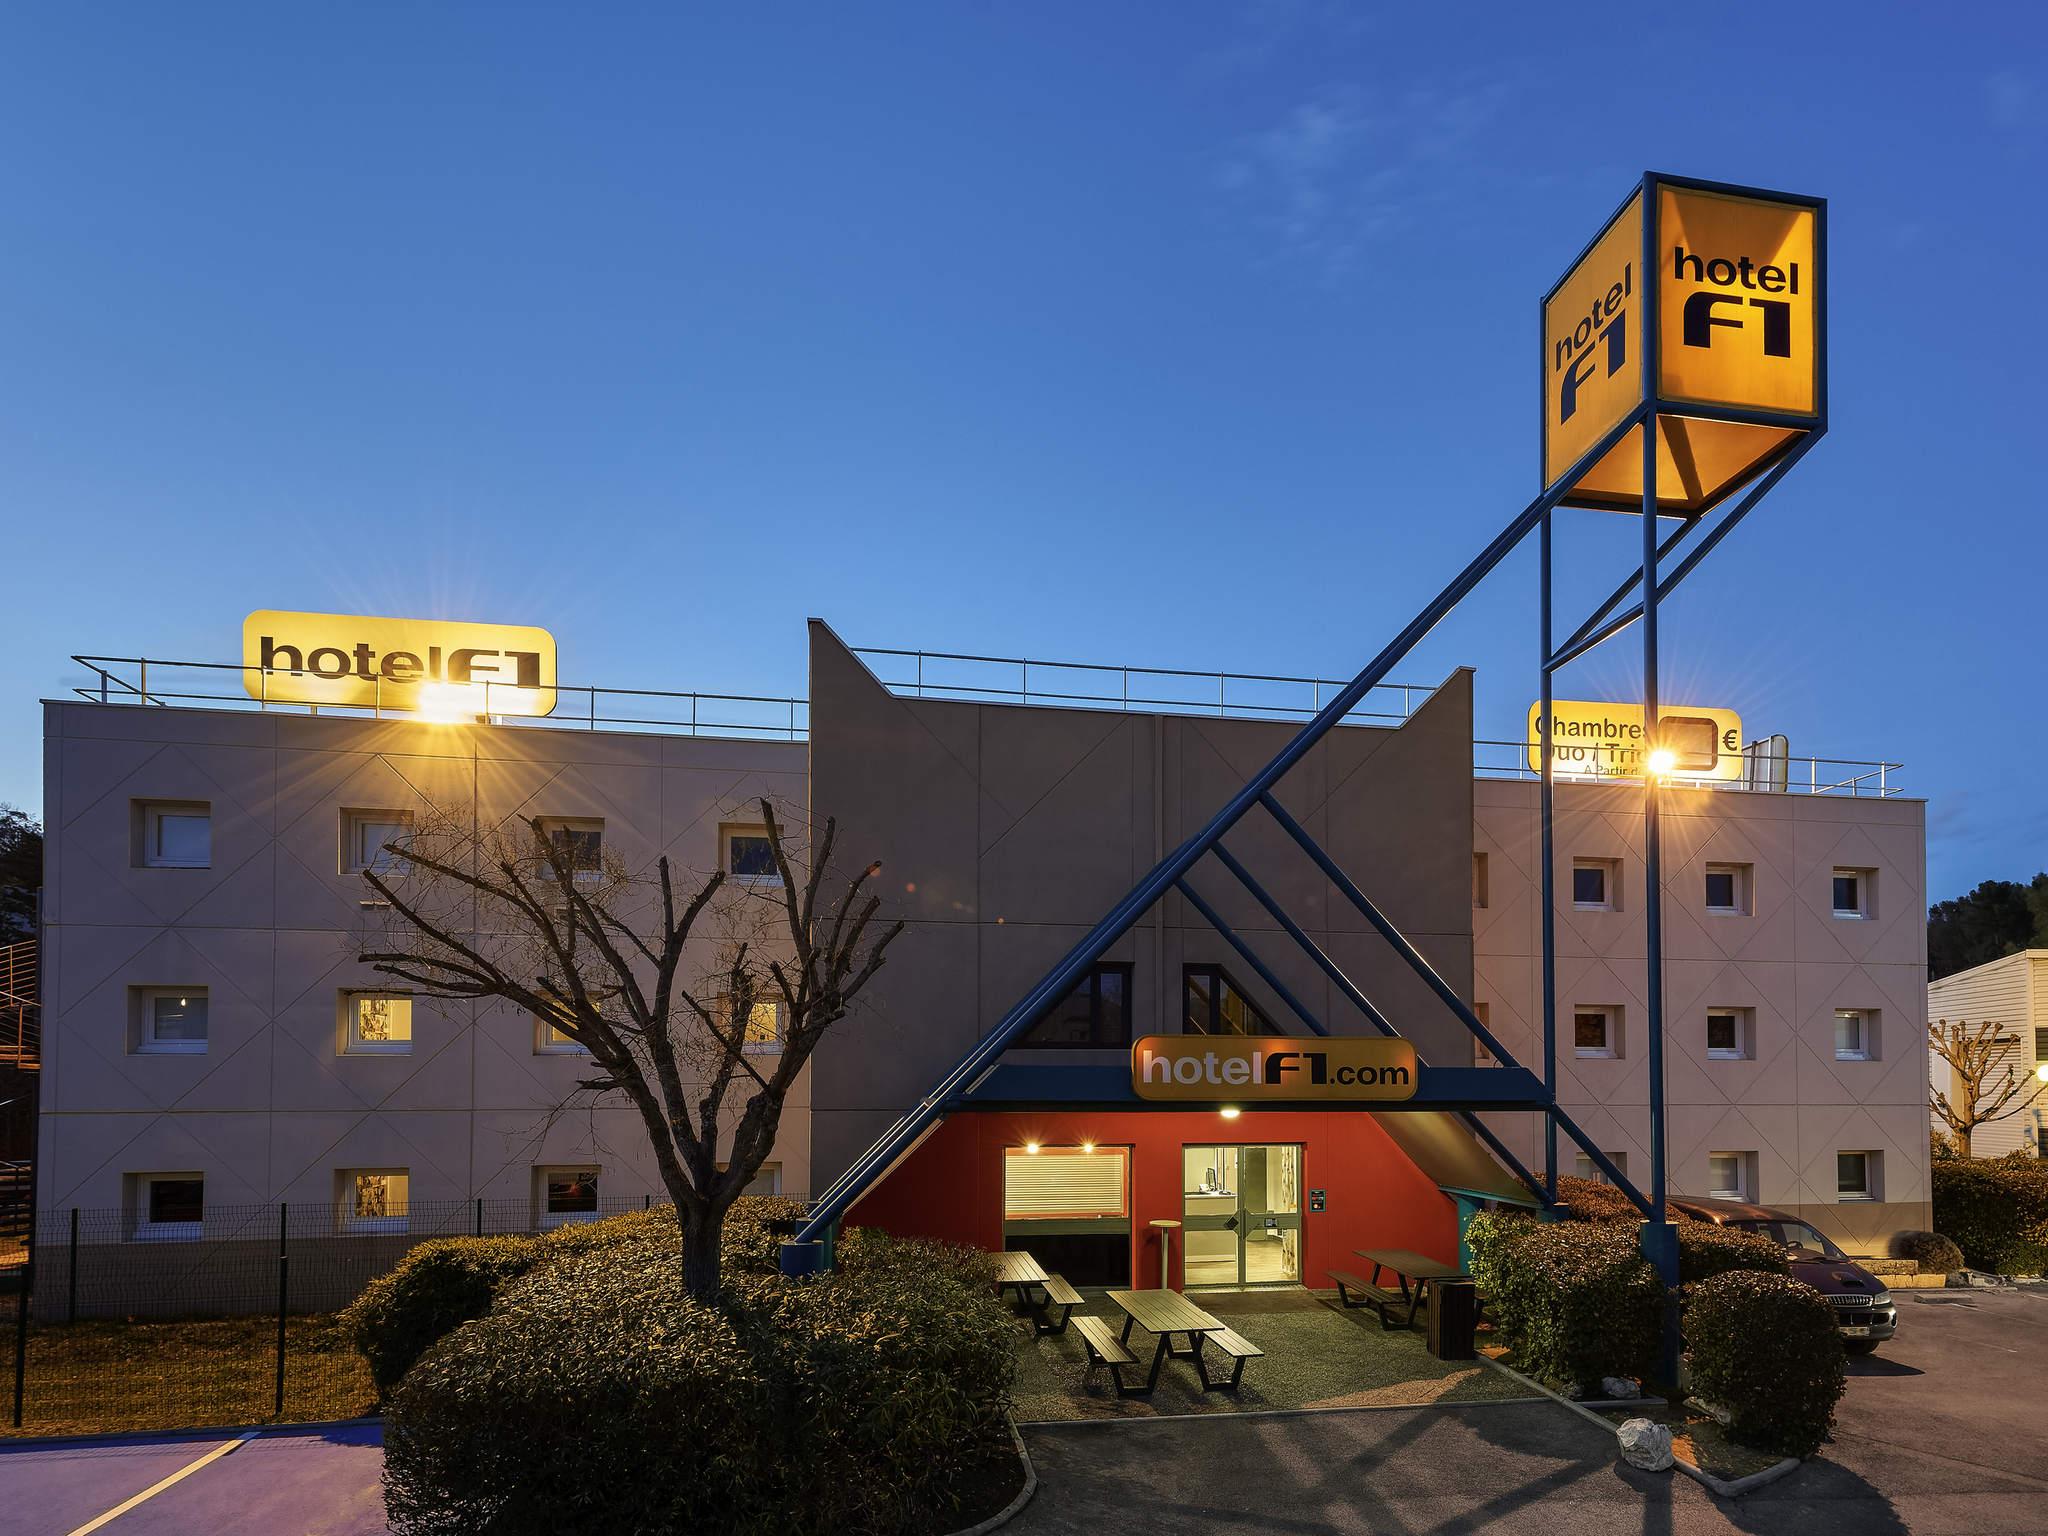 Hotel – hotelF1 Marselha Valentine